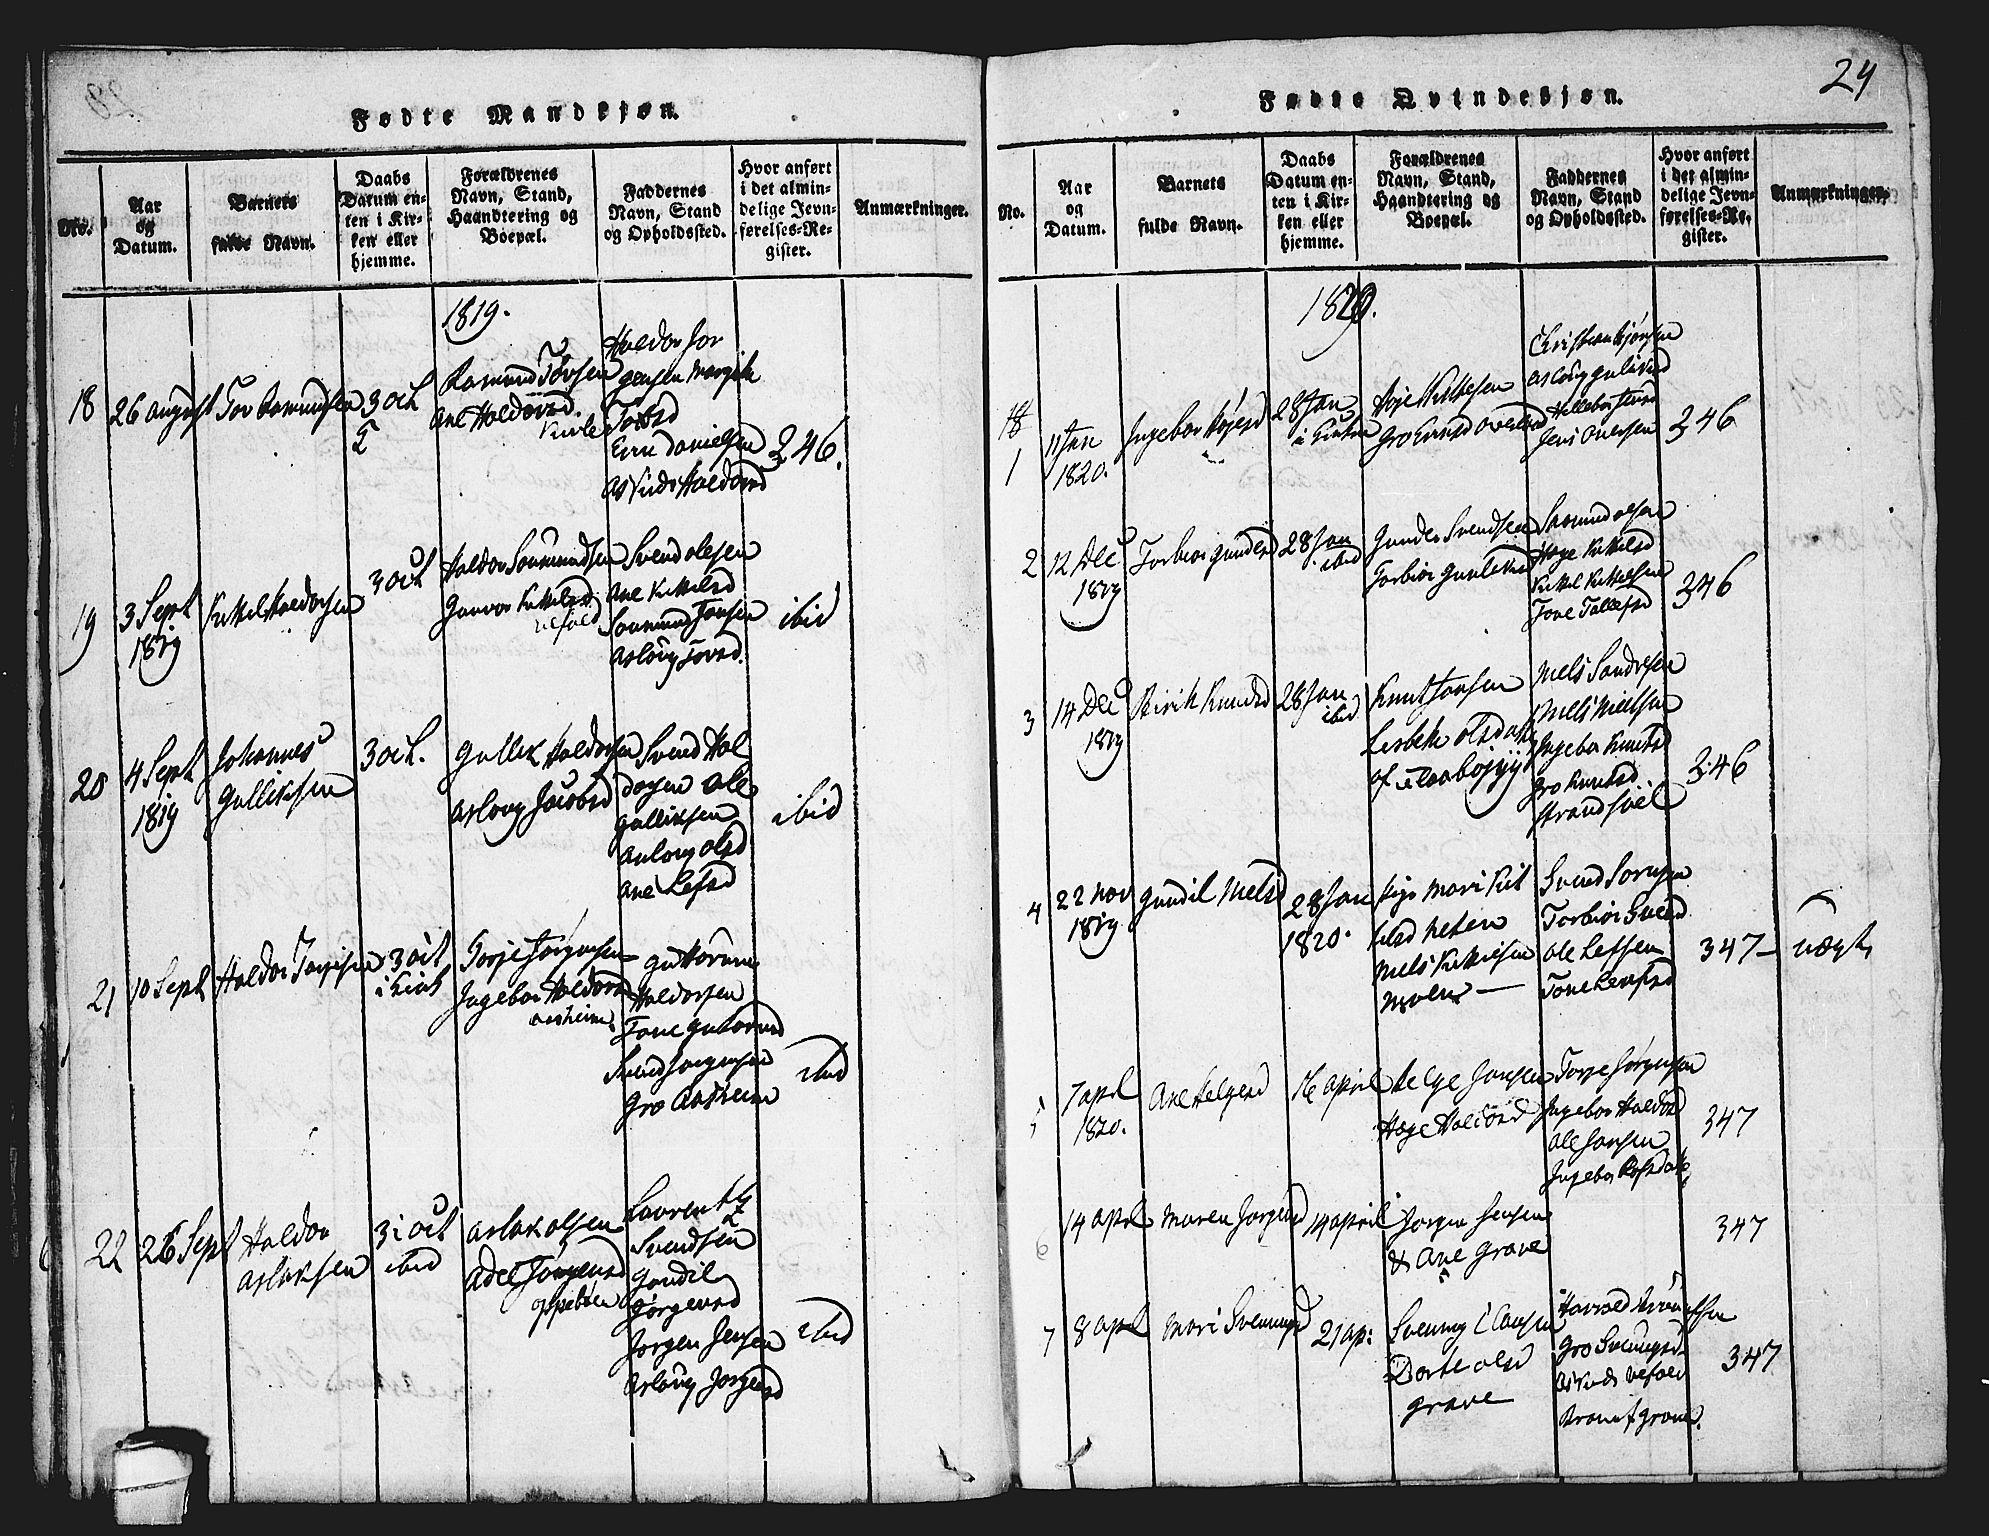 SAKO, Seljord kirkebøker, F/Fa/L0010: Ministerialbok nr. I 10, 1815-1831, s. 24